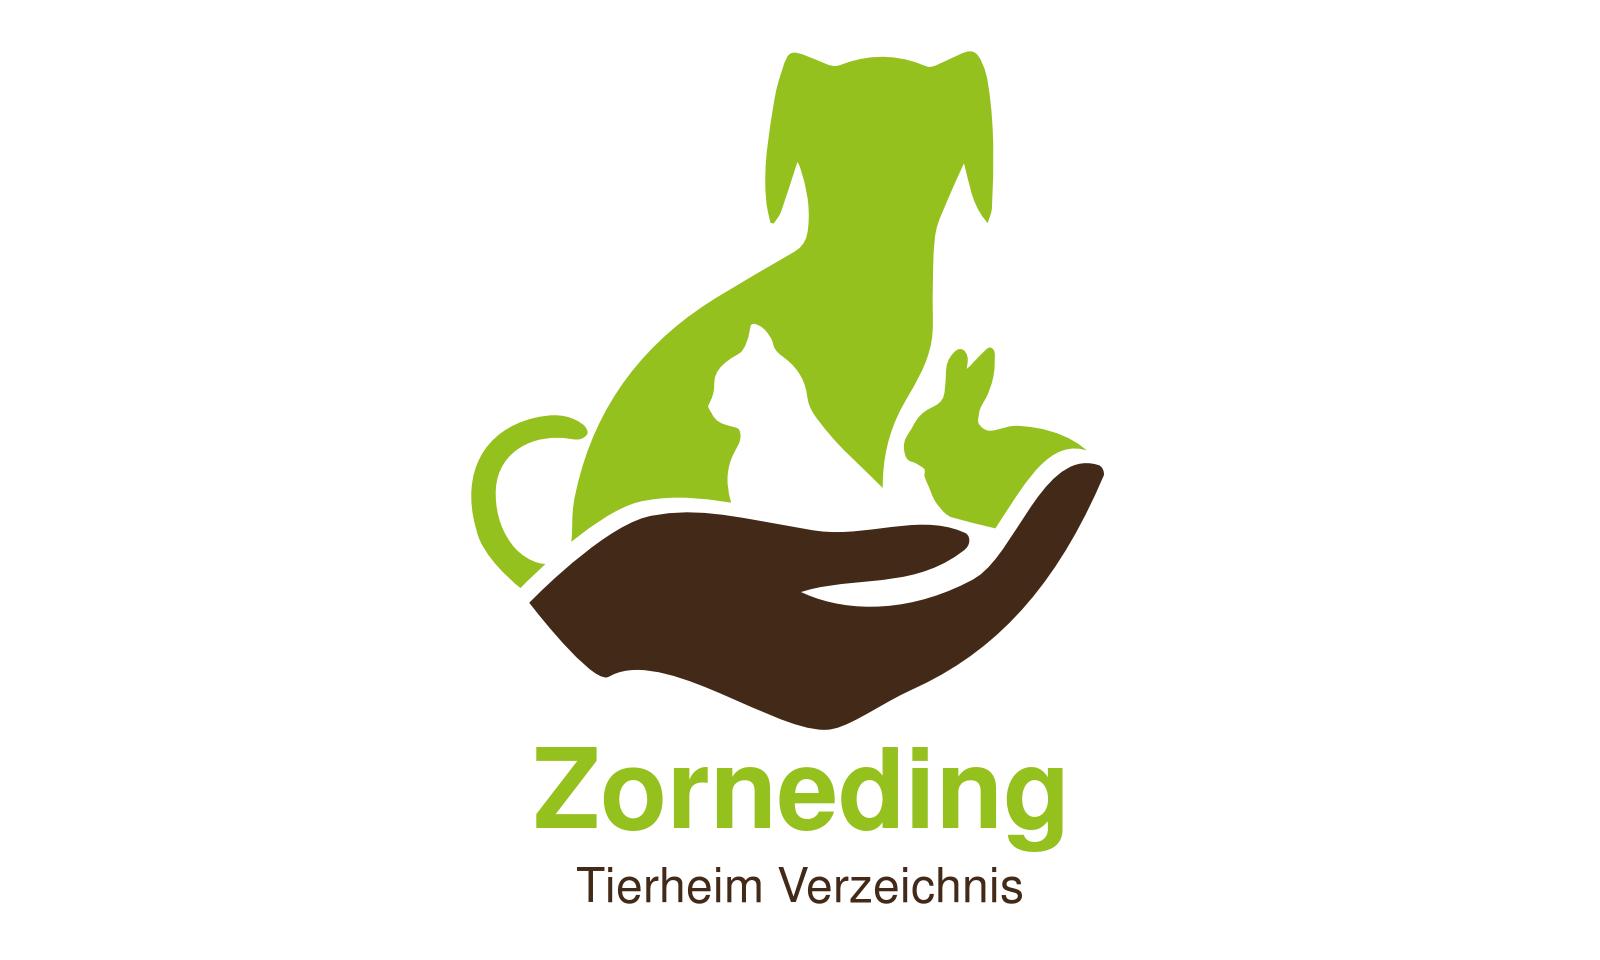 Tierheim Zorneding